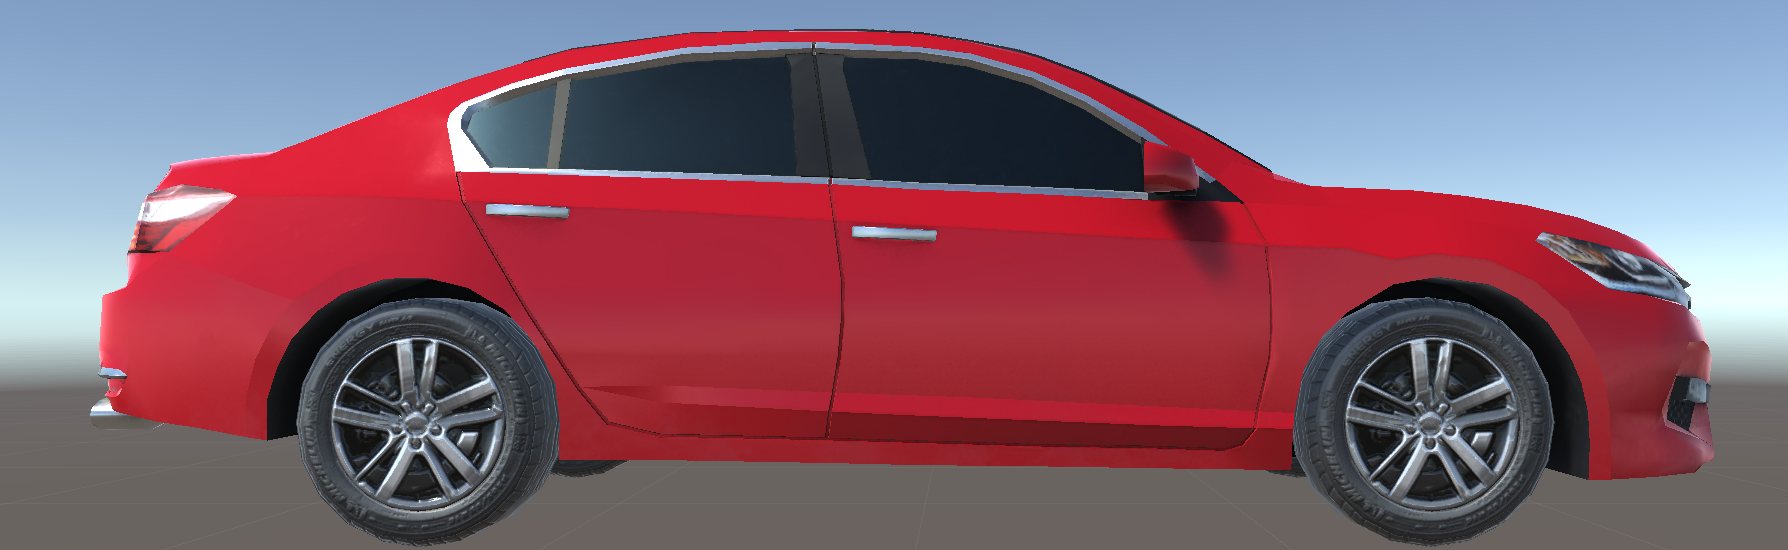 Car4_Side